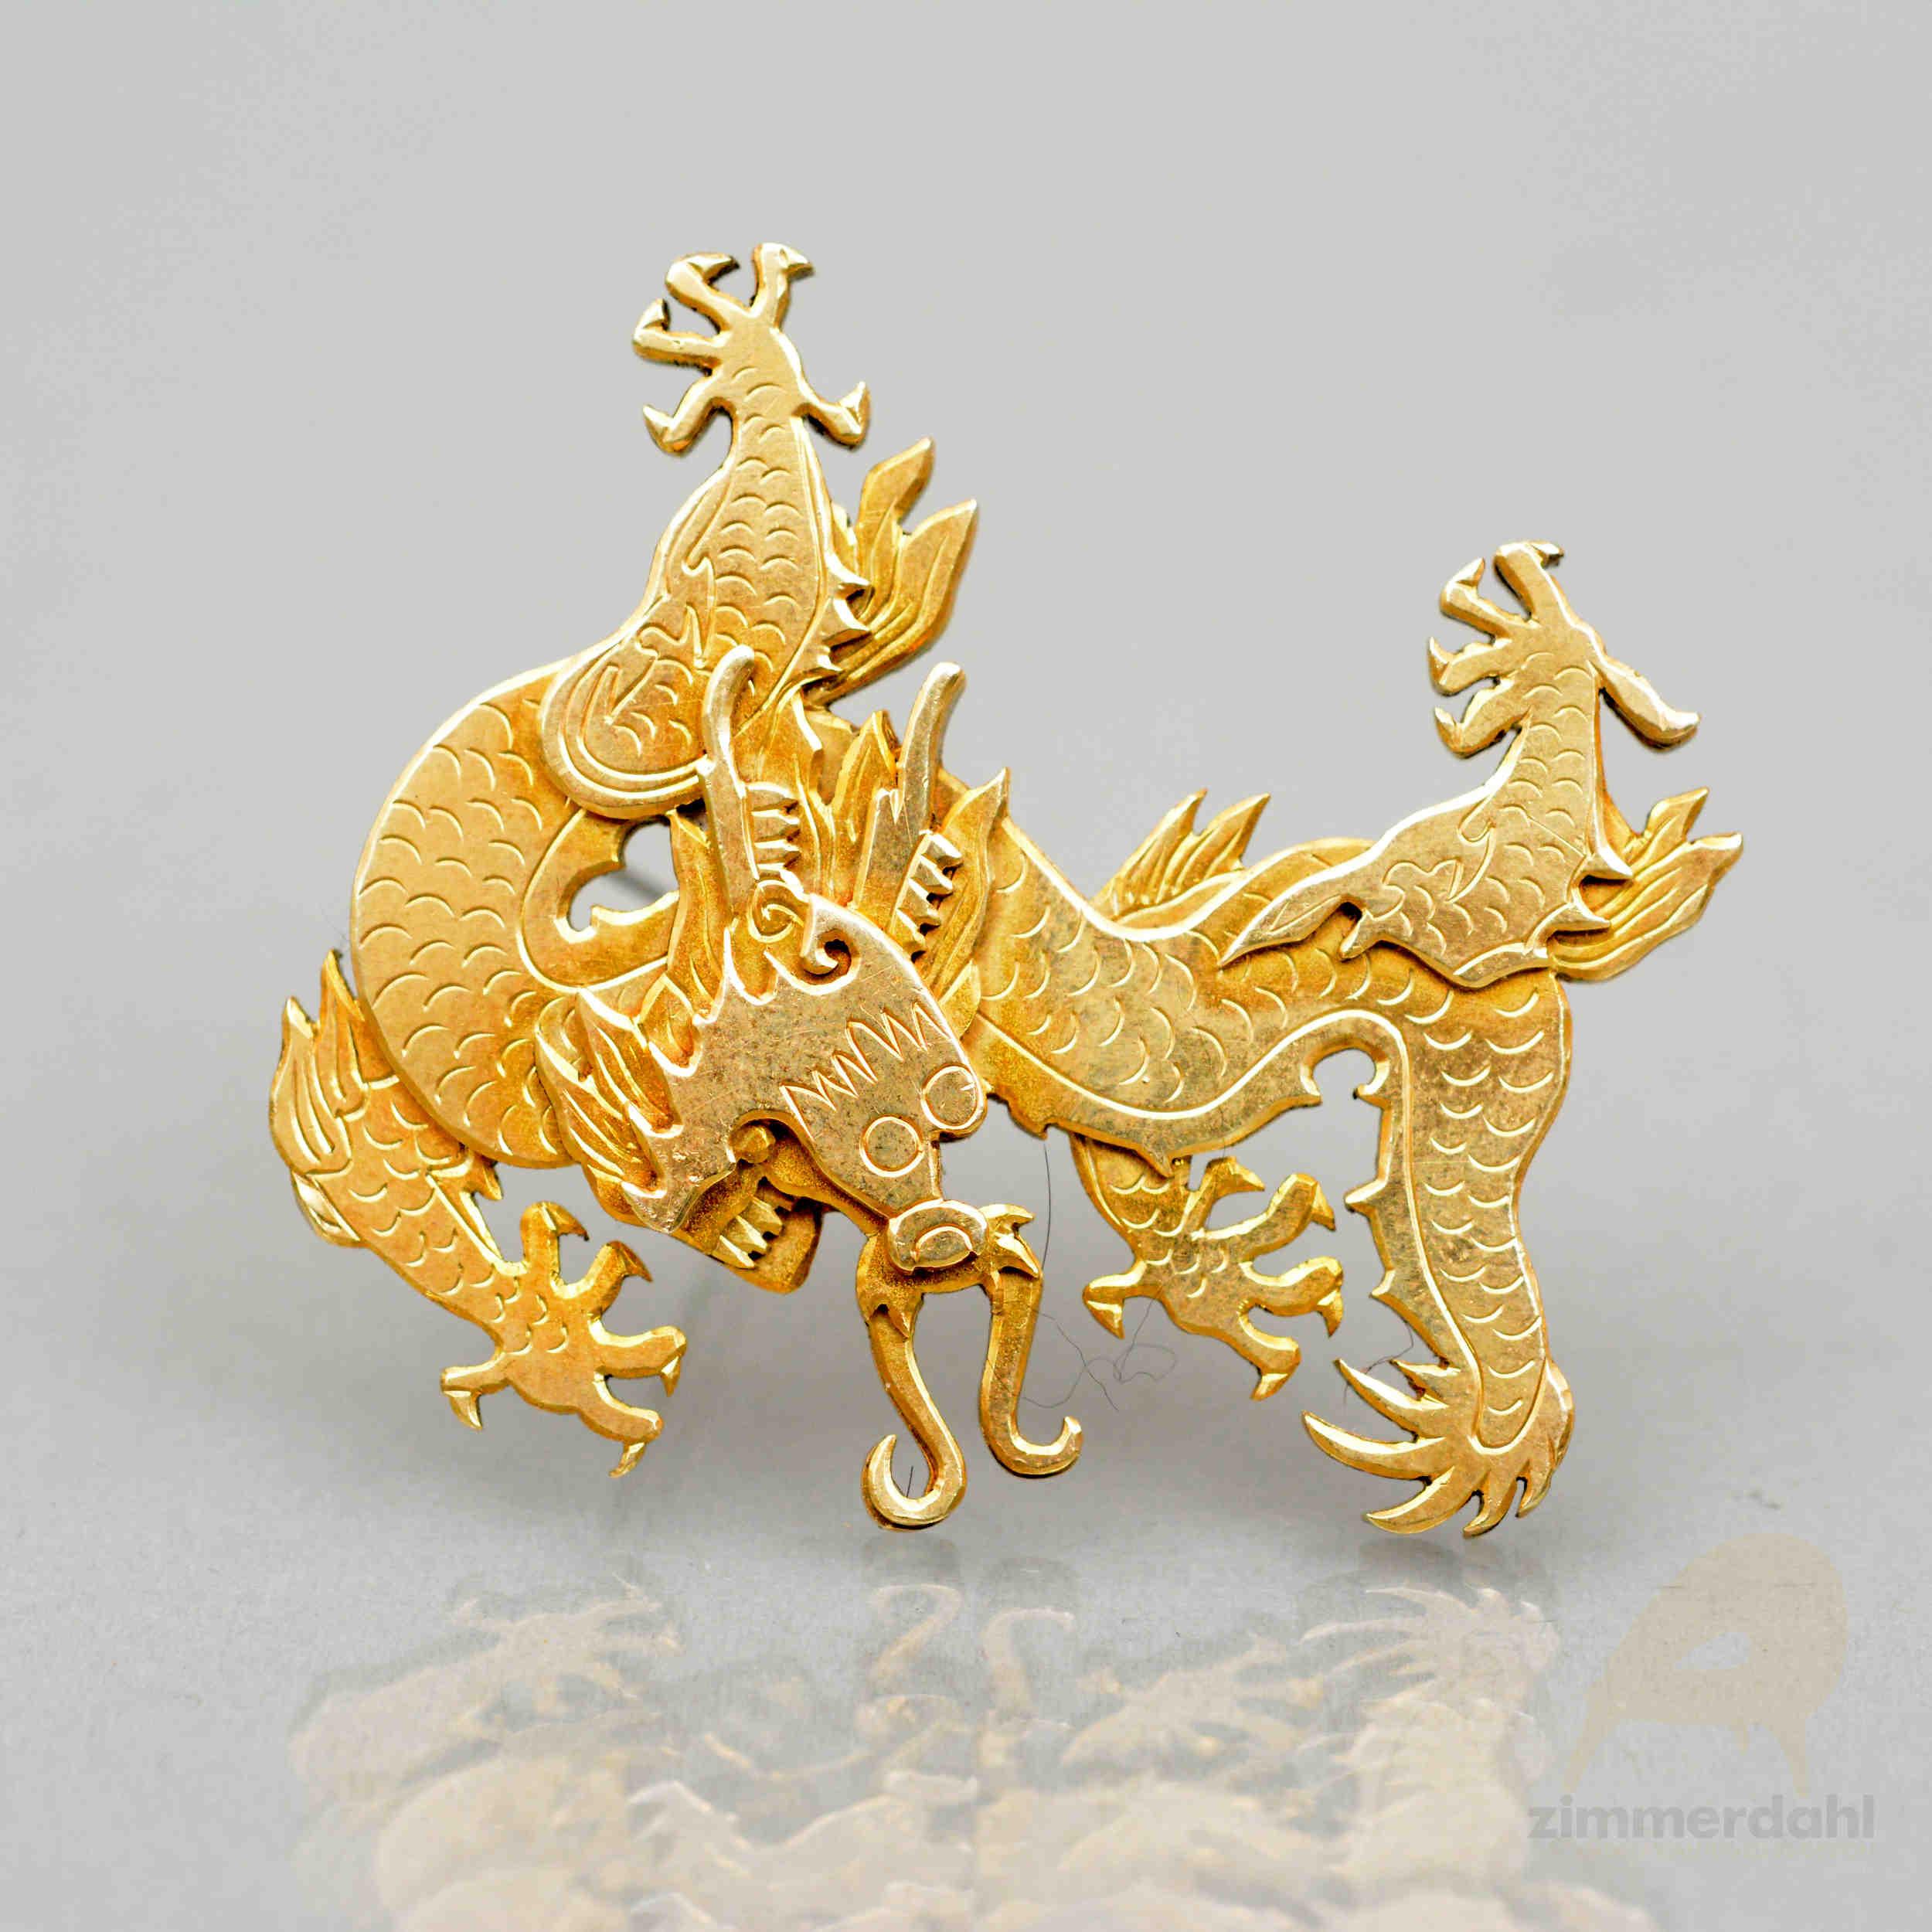 Dragon brooch by Wiwen Nilsson, Sweden